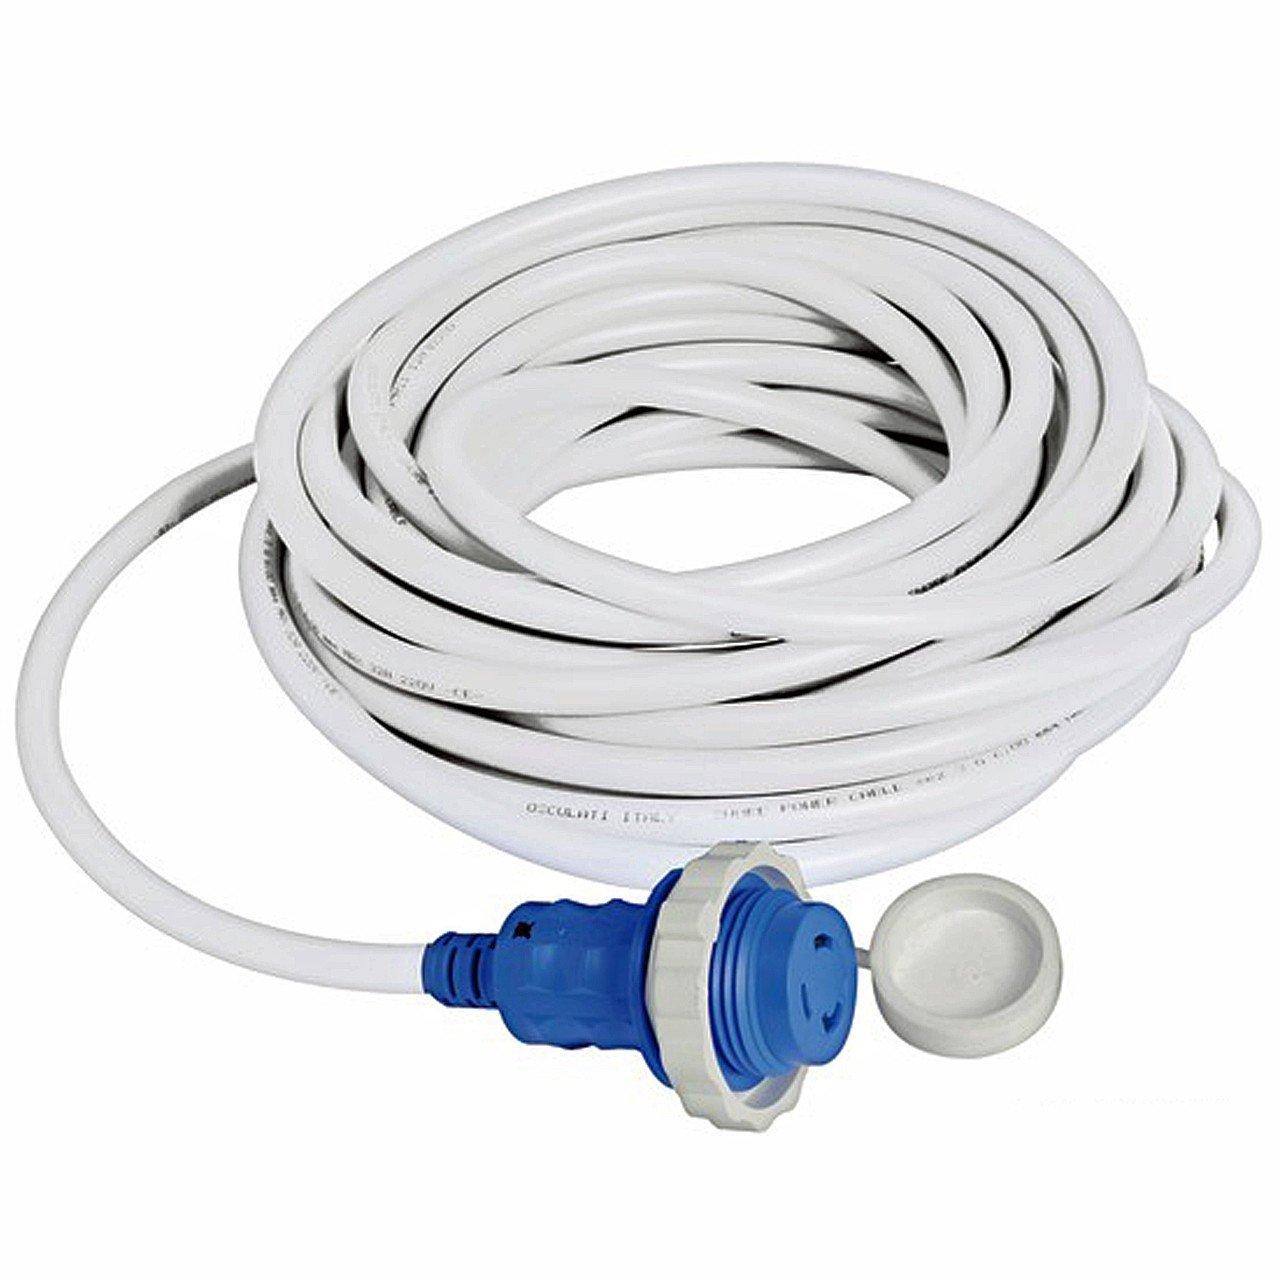 Ausgezeichnet Kabelstärke Ampere Fotos - Die Besten Elektrischen ...